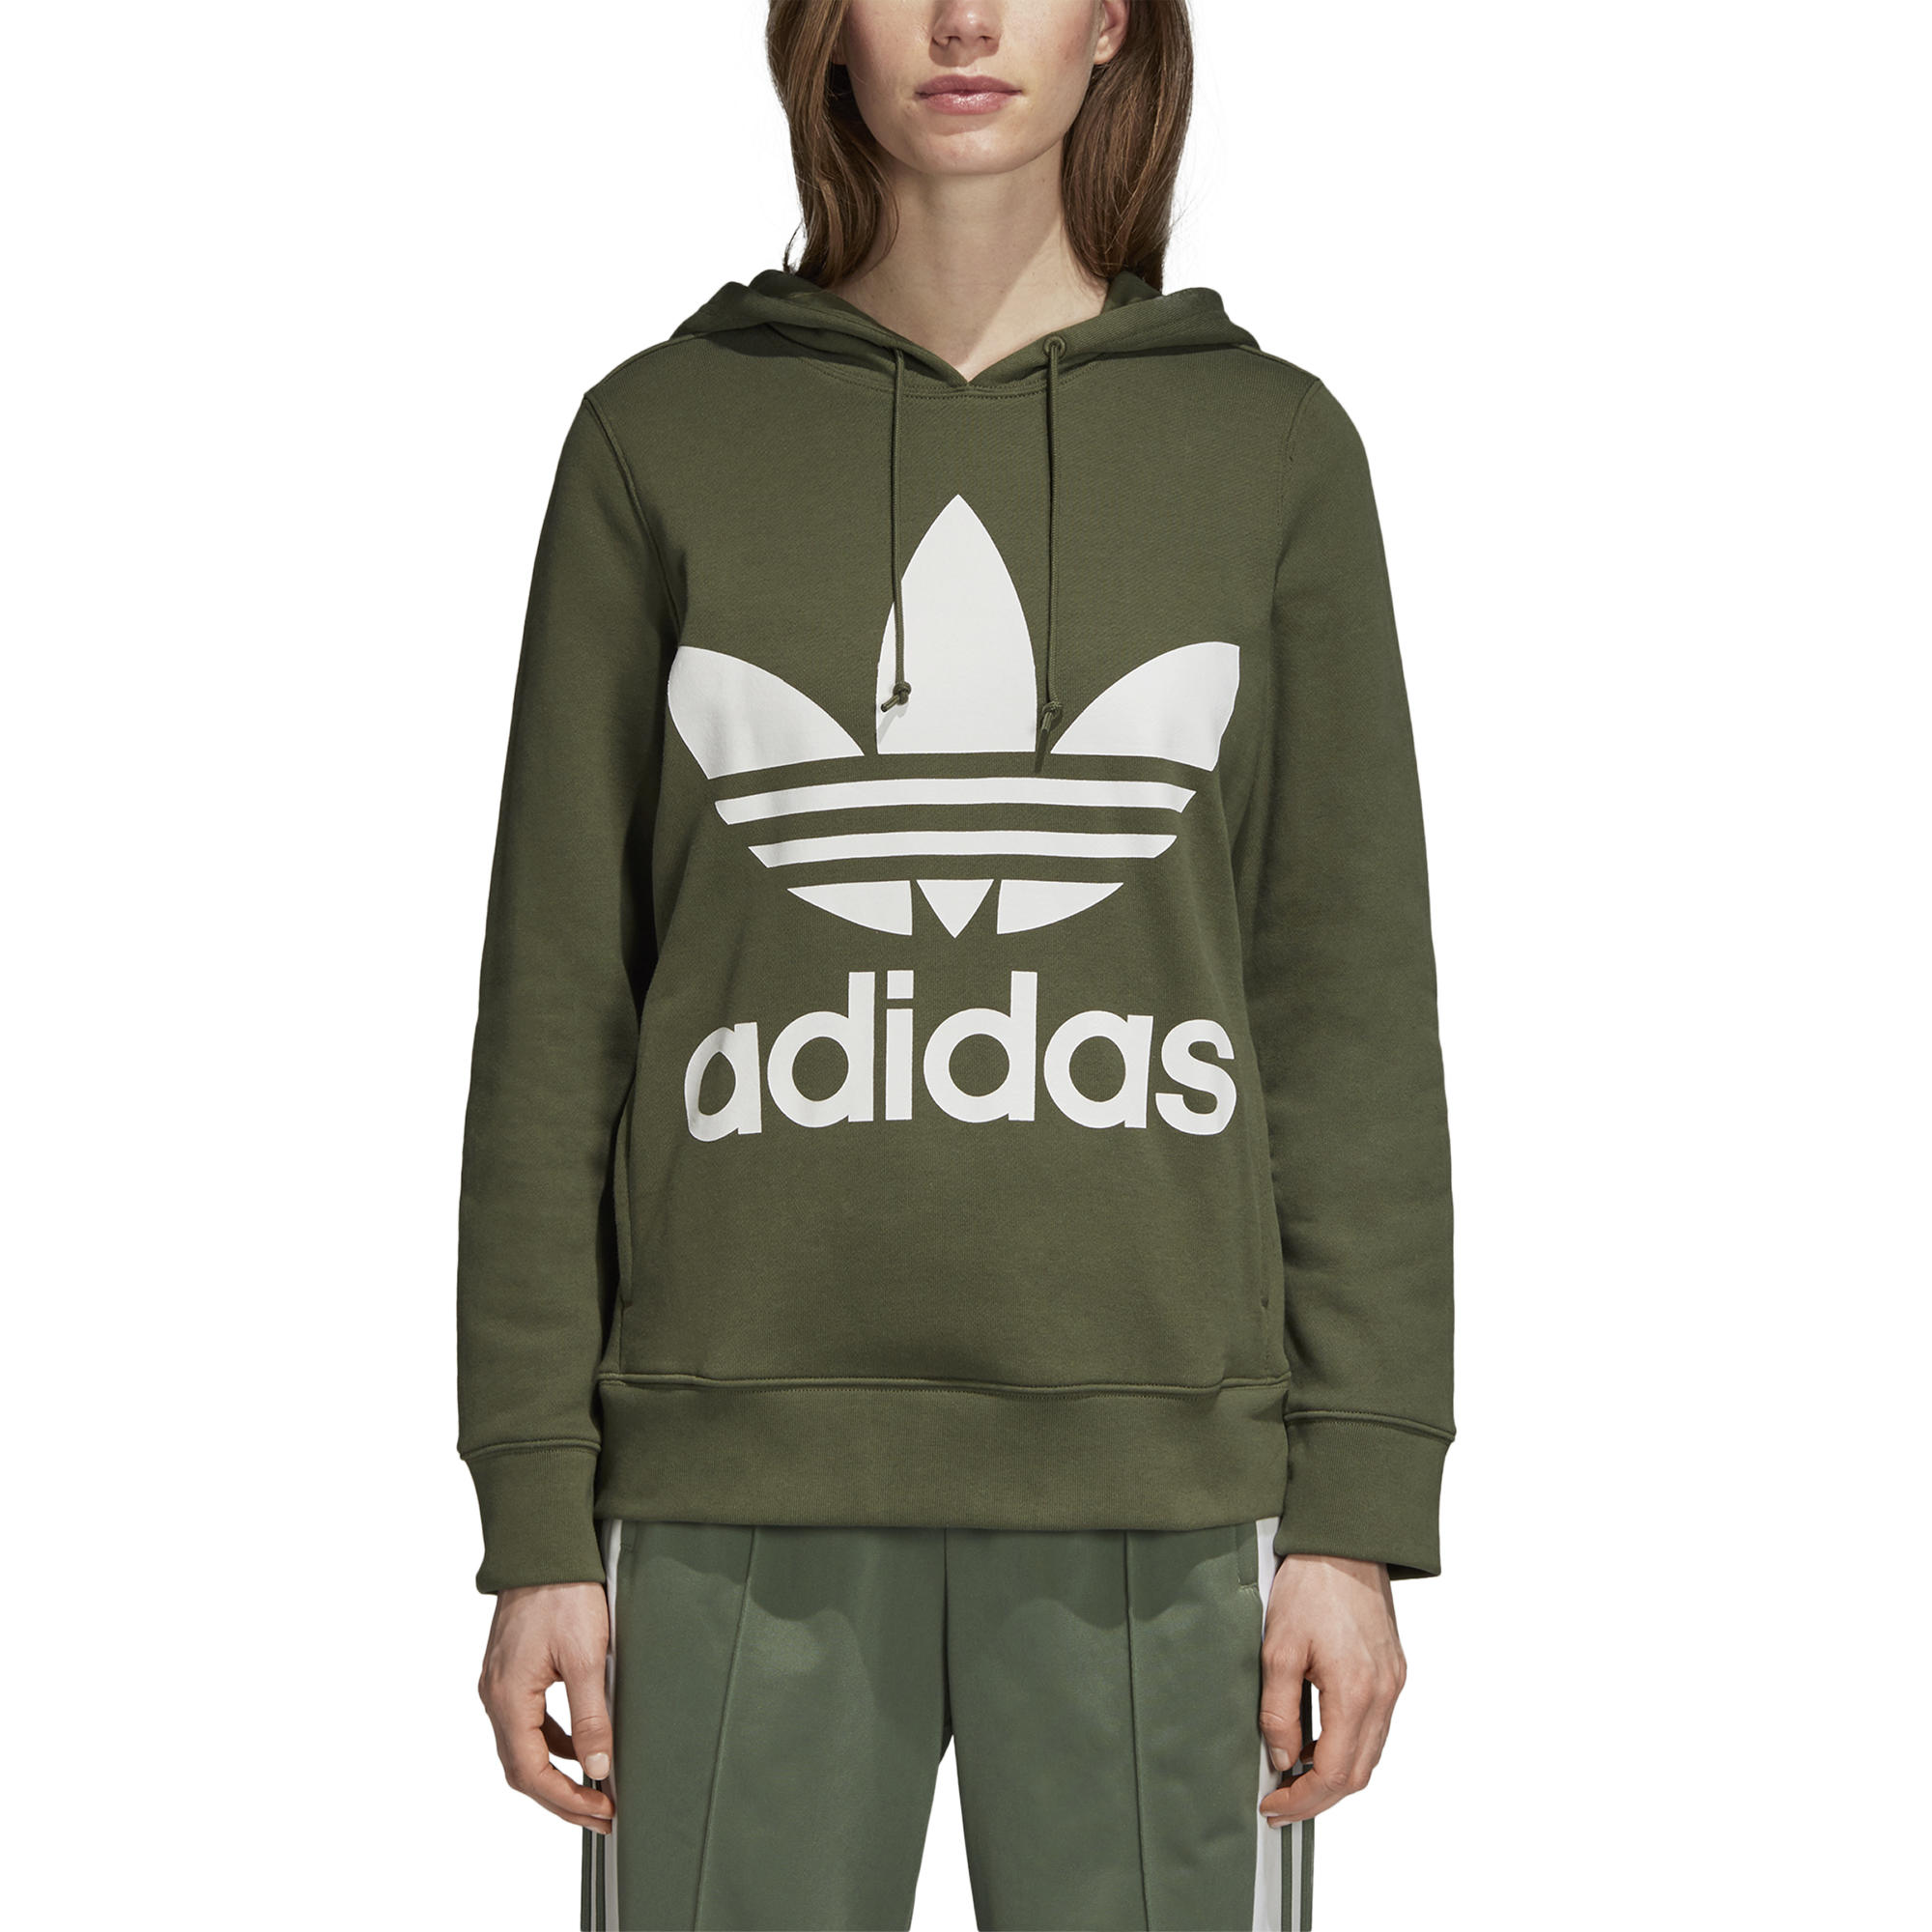 Bluza damska z kapturem Adidas Originals Trefoil CE2408